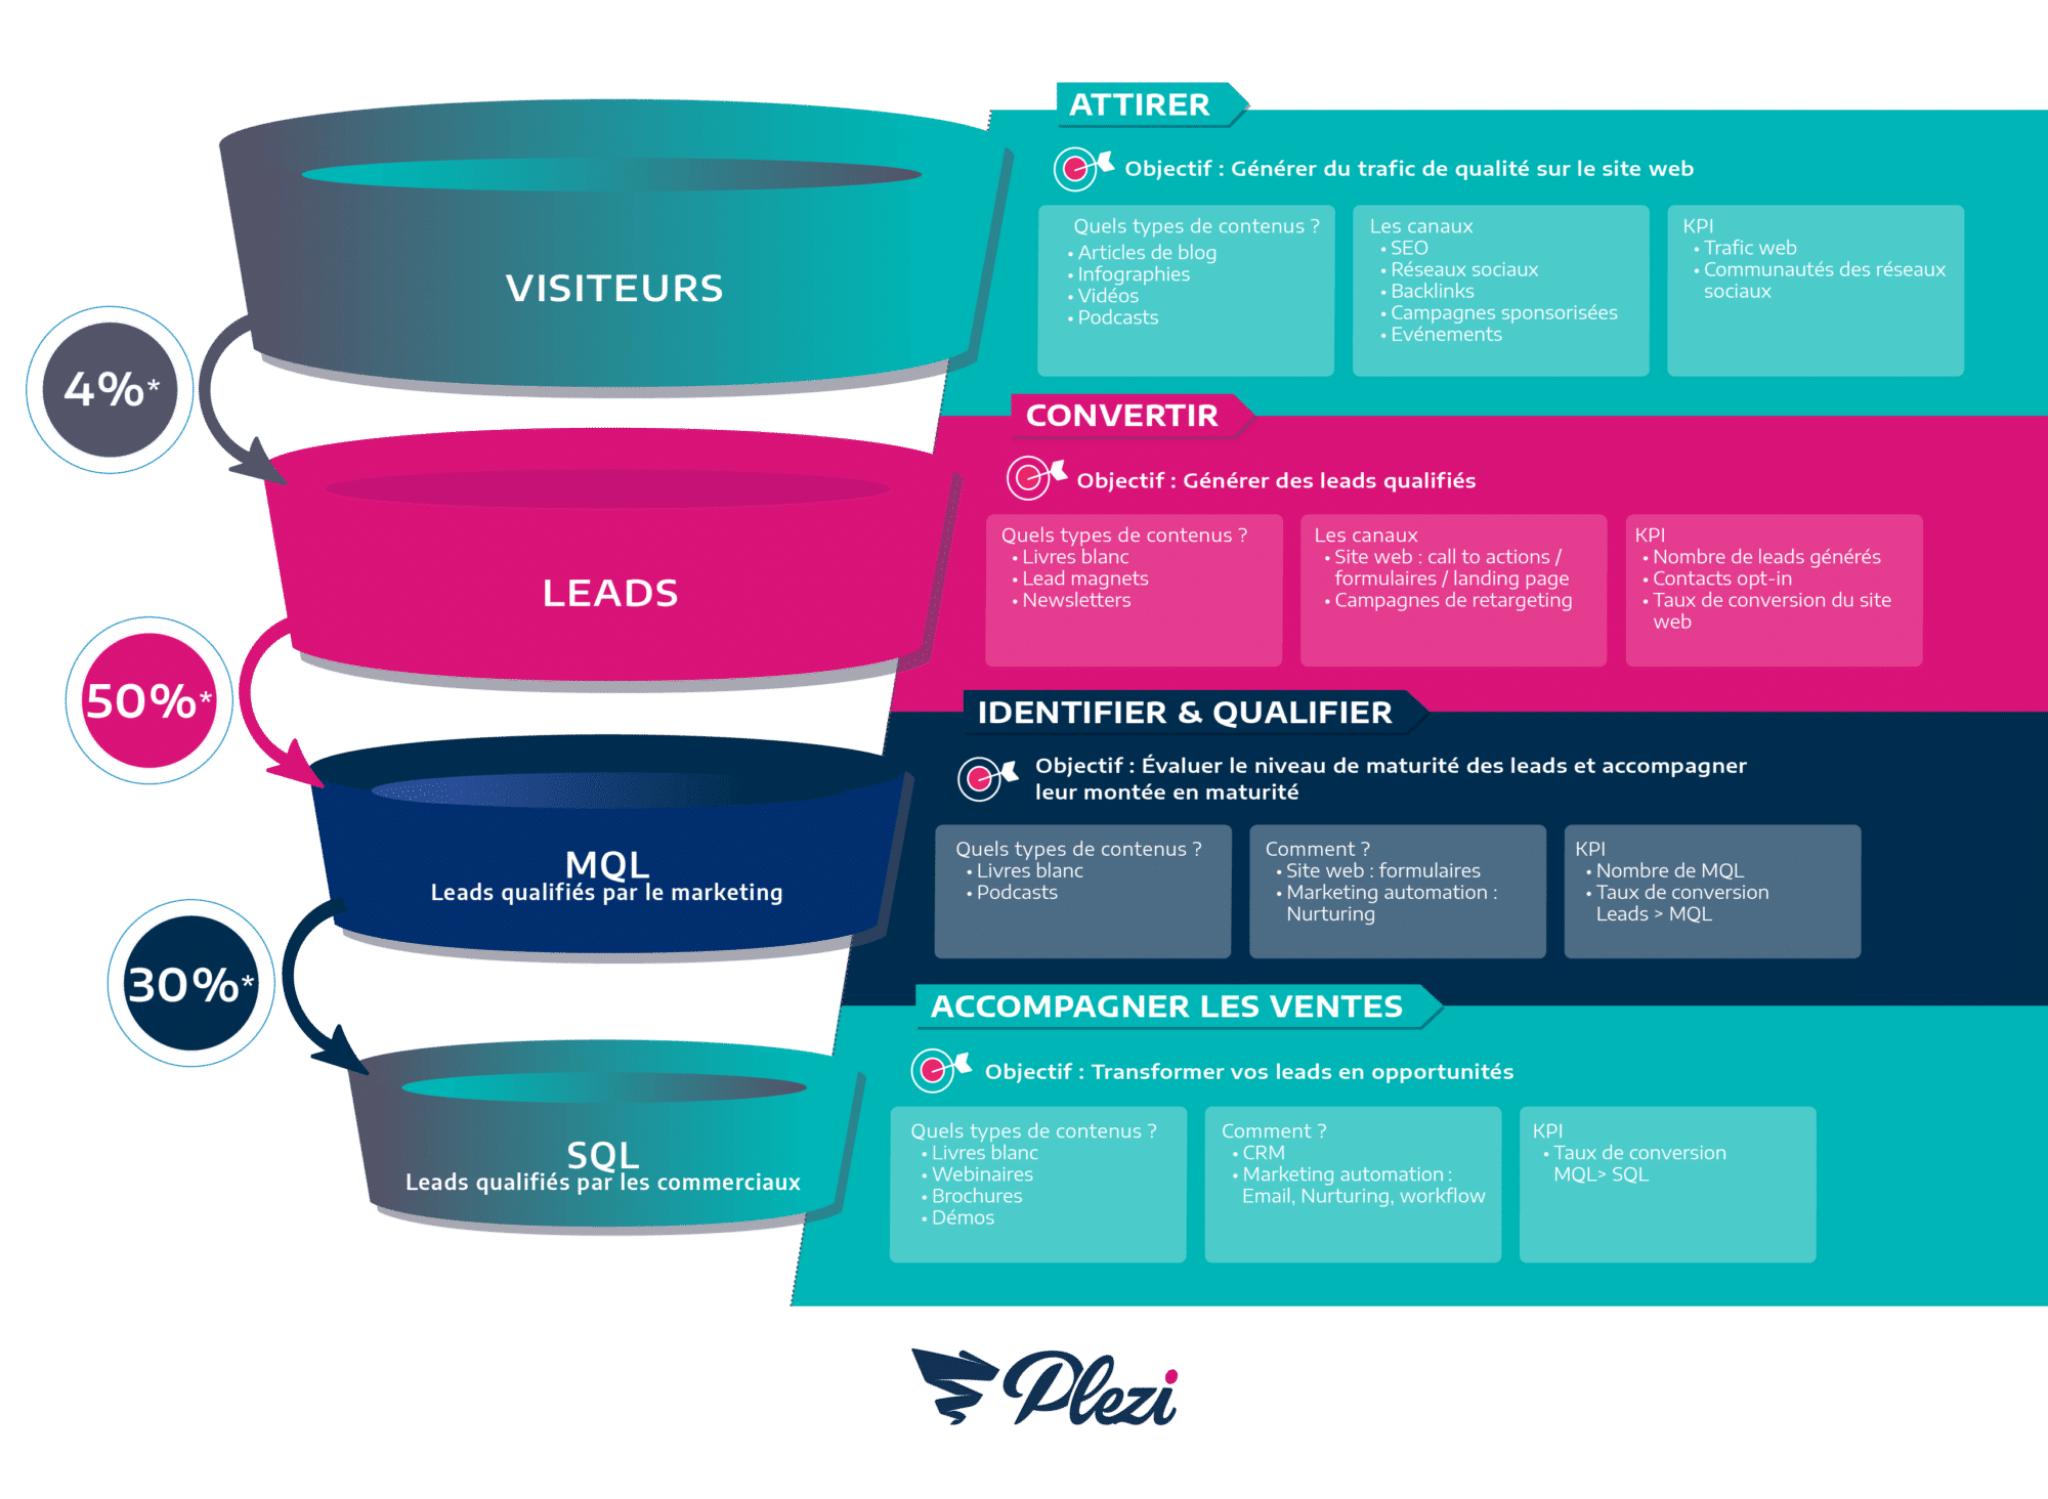 infographie du funnel marketing B2B représentant le passage de MQL à SQL